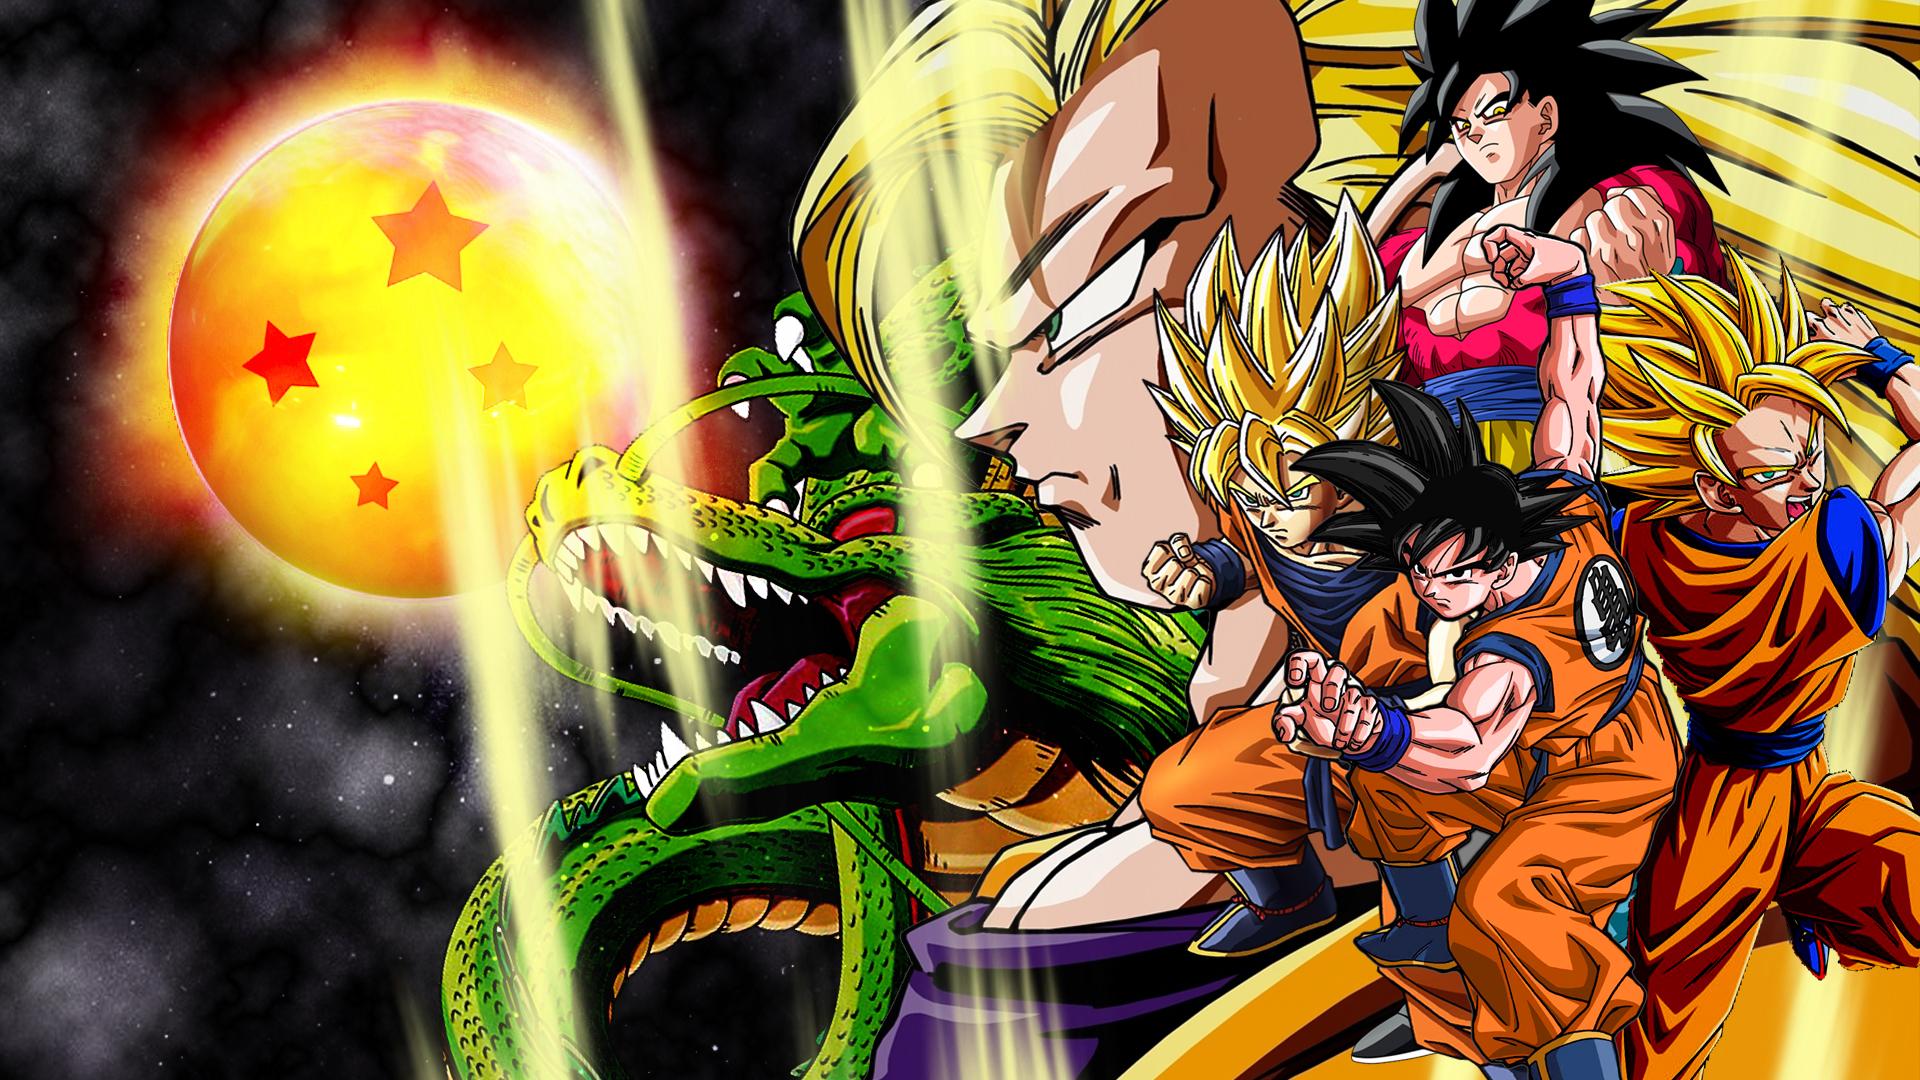 Goku wallpaper by vuLC4no 1920x1080